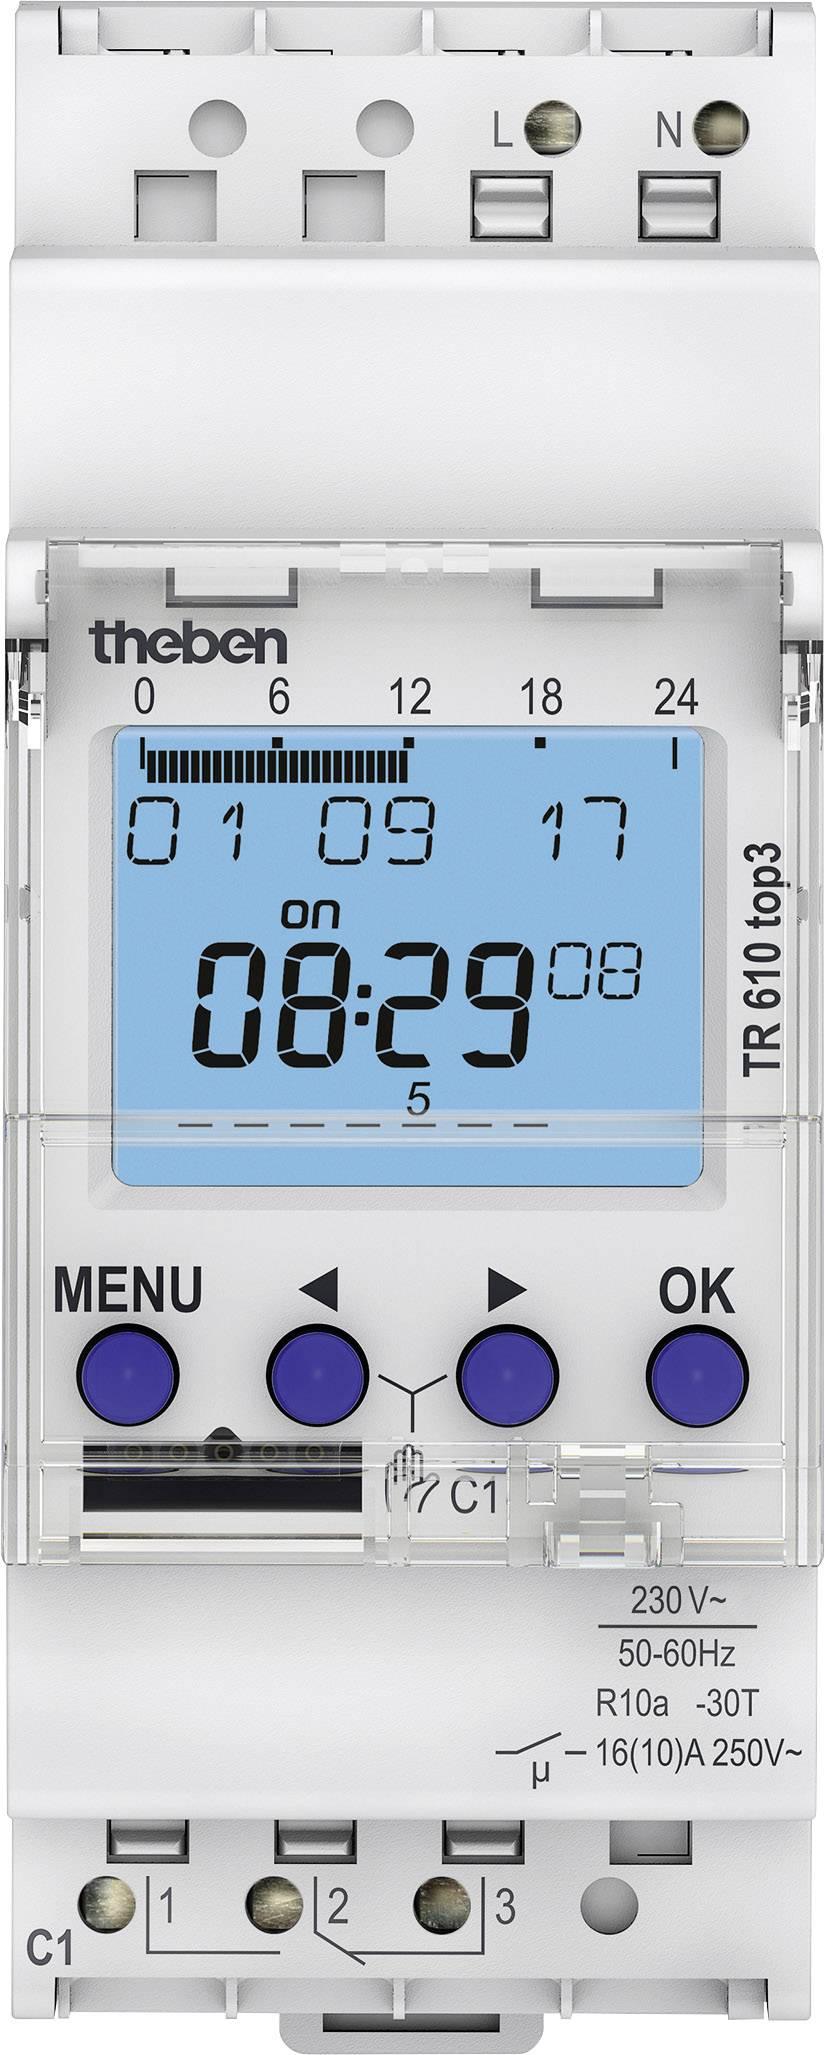 Spínací hodiny na DIN lištu Theben TR610 top3, 6100130, 1 ks